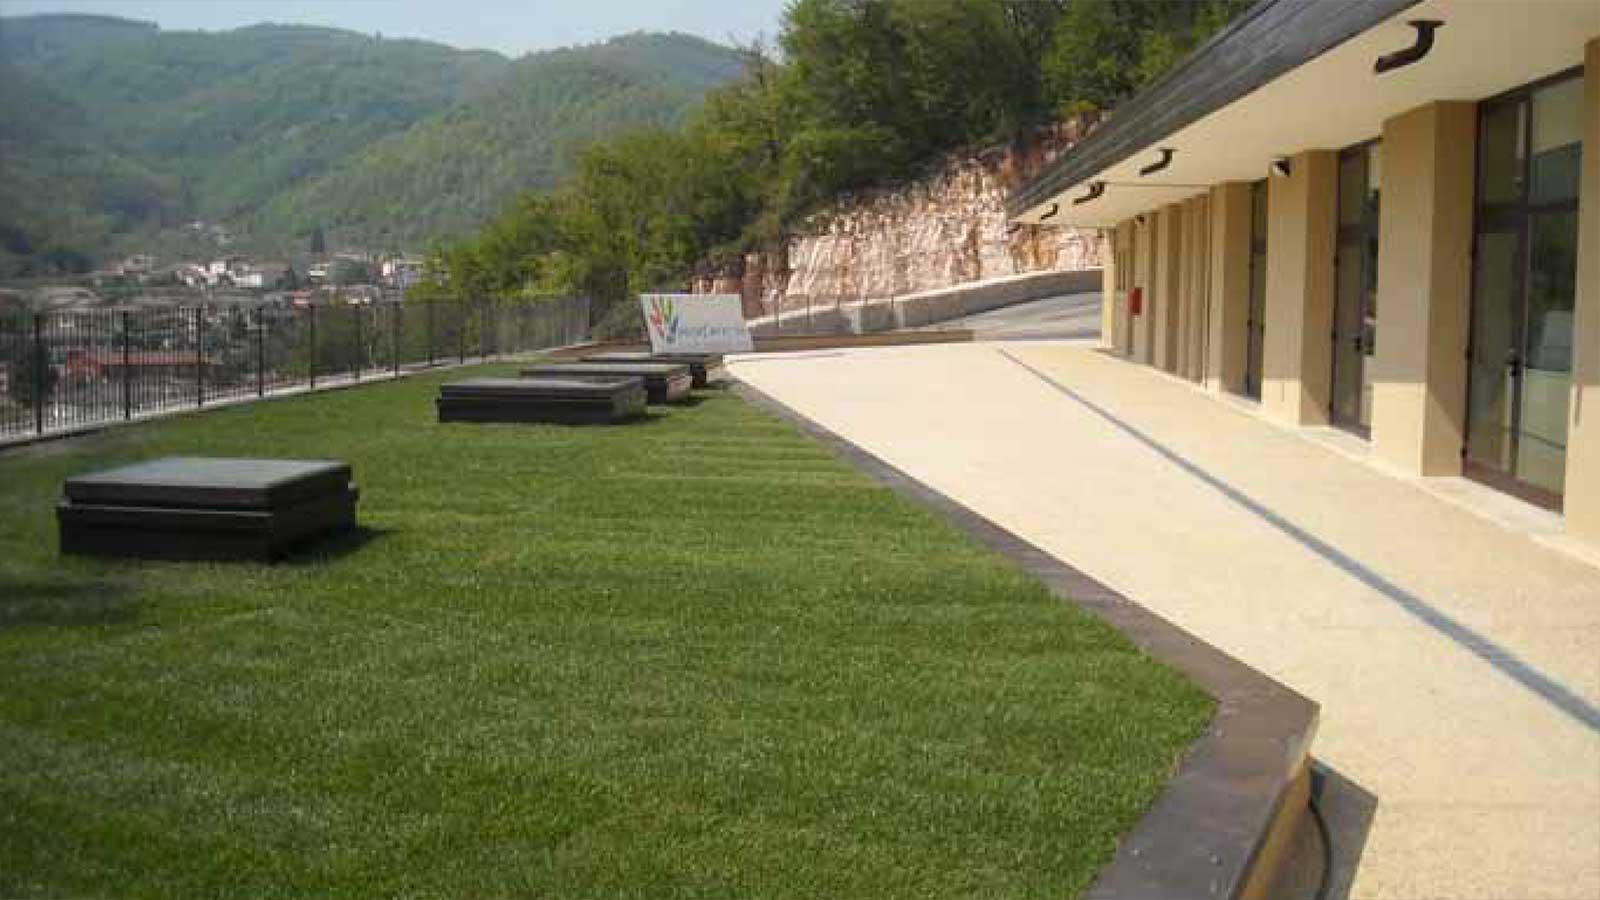 Costruzioni Tieni 1836 Srl | Realizzazione di un centro polifunzionale in Badia Calavena (VR)